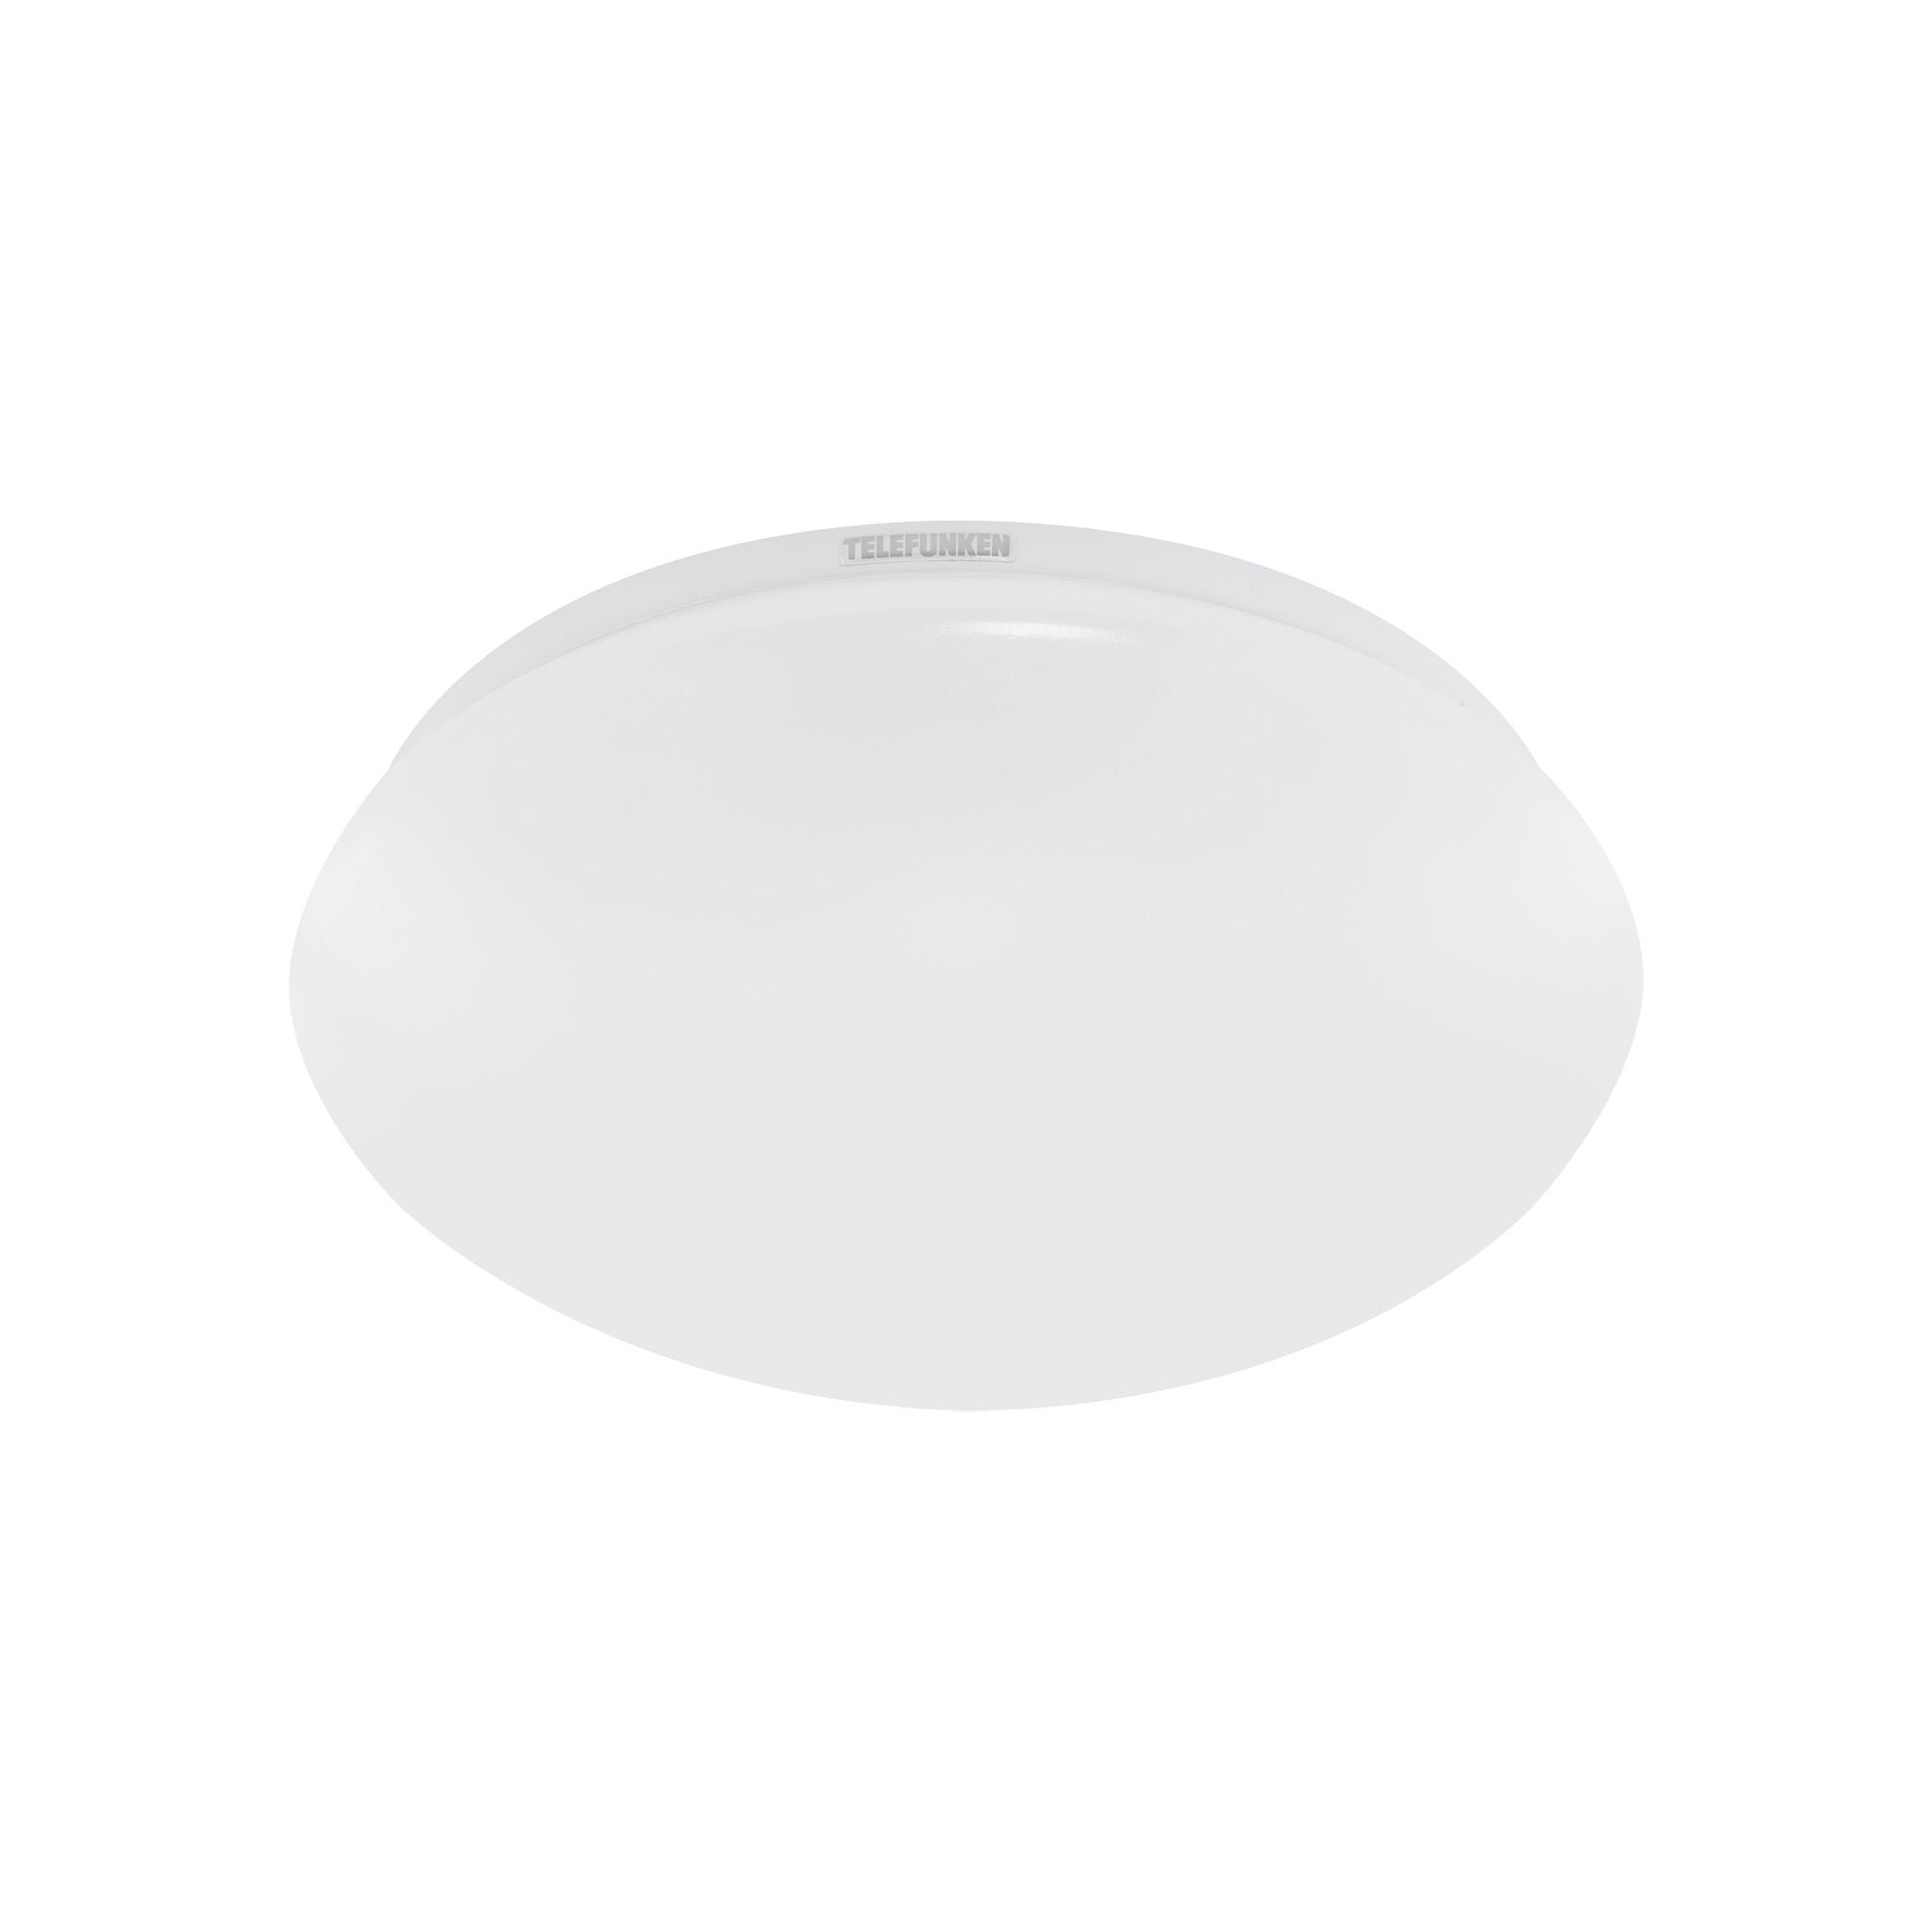 TELEFUNKEN LED Deckenleuchte, Ø 27,8 cm, 15 W, Weiß